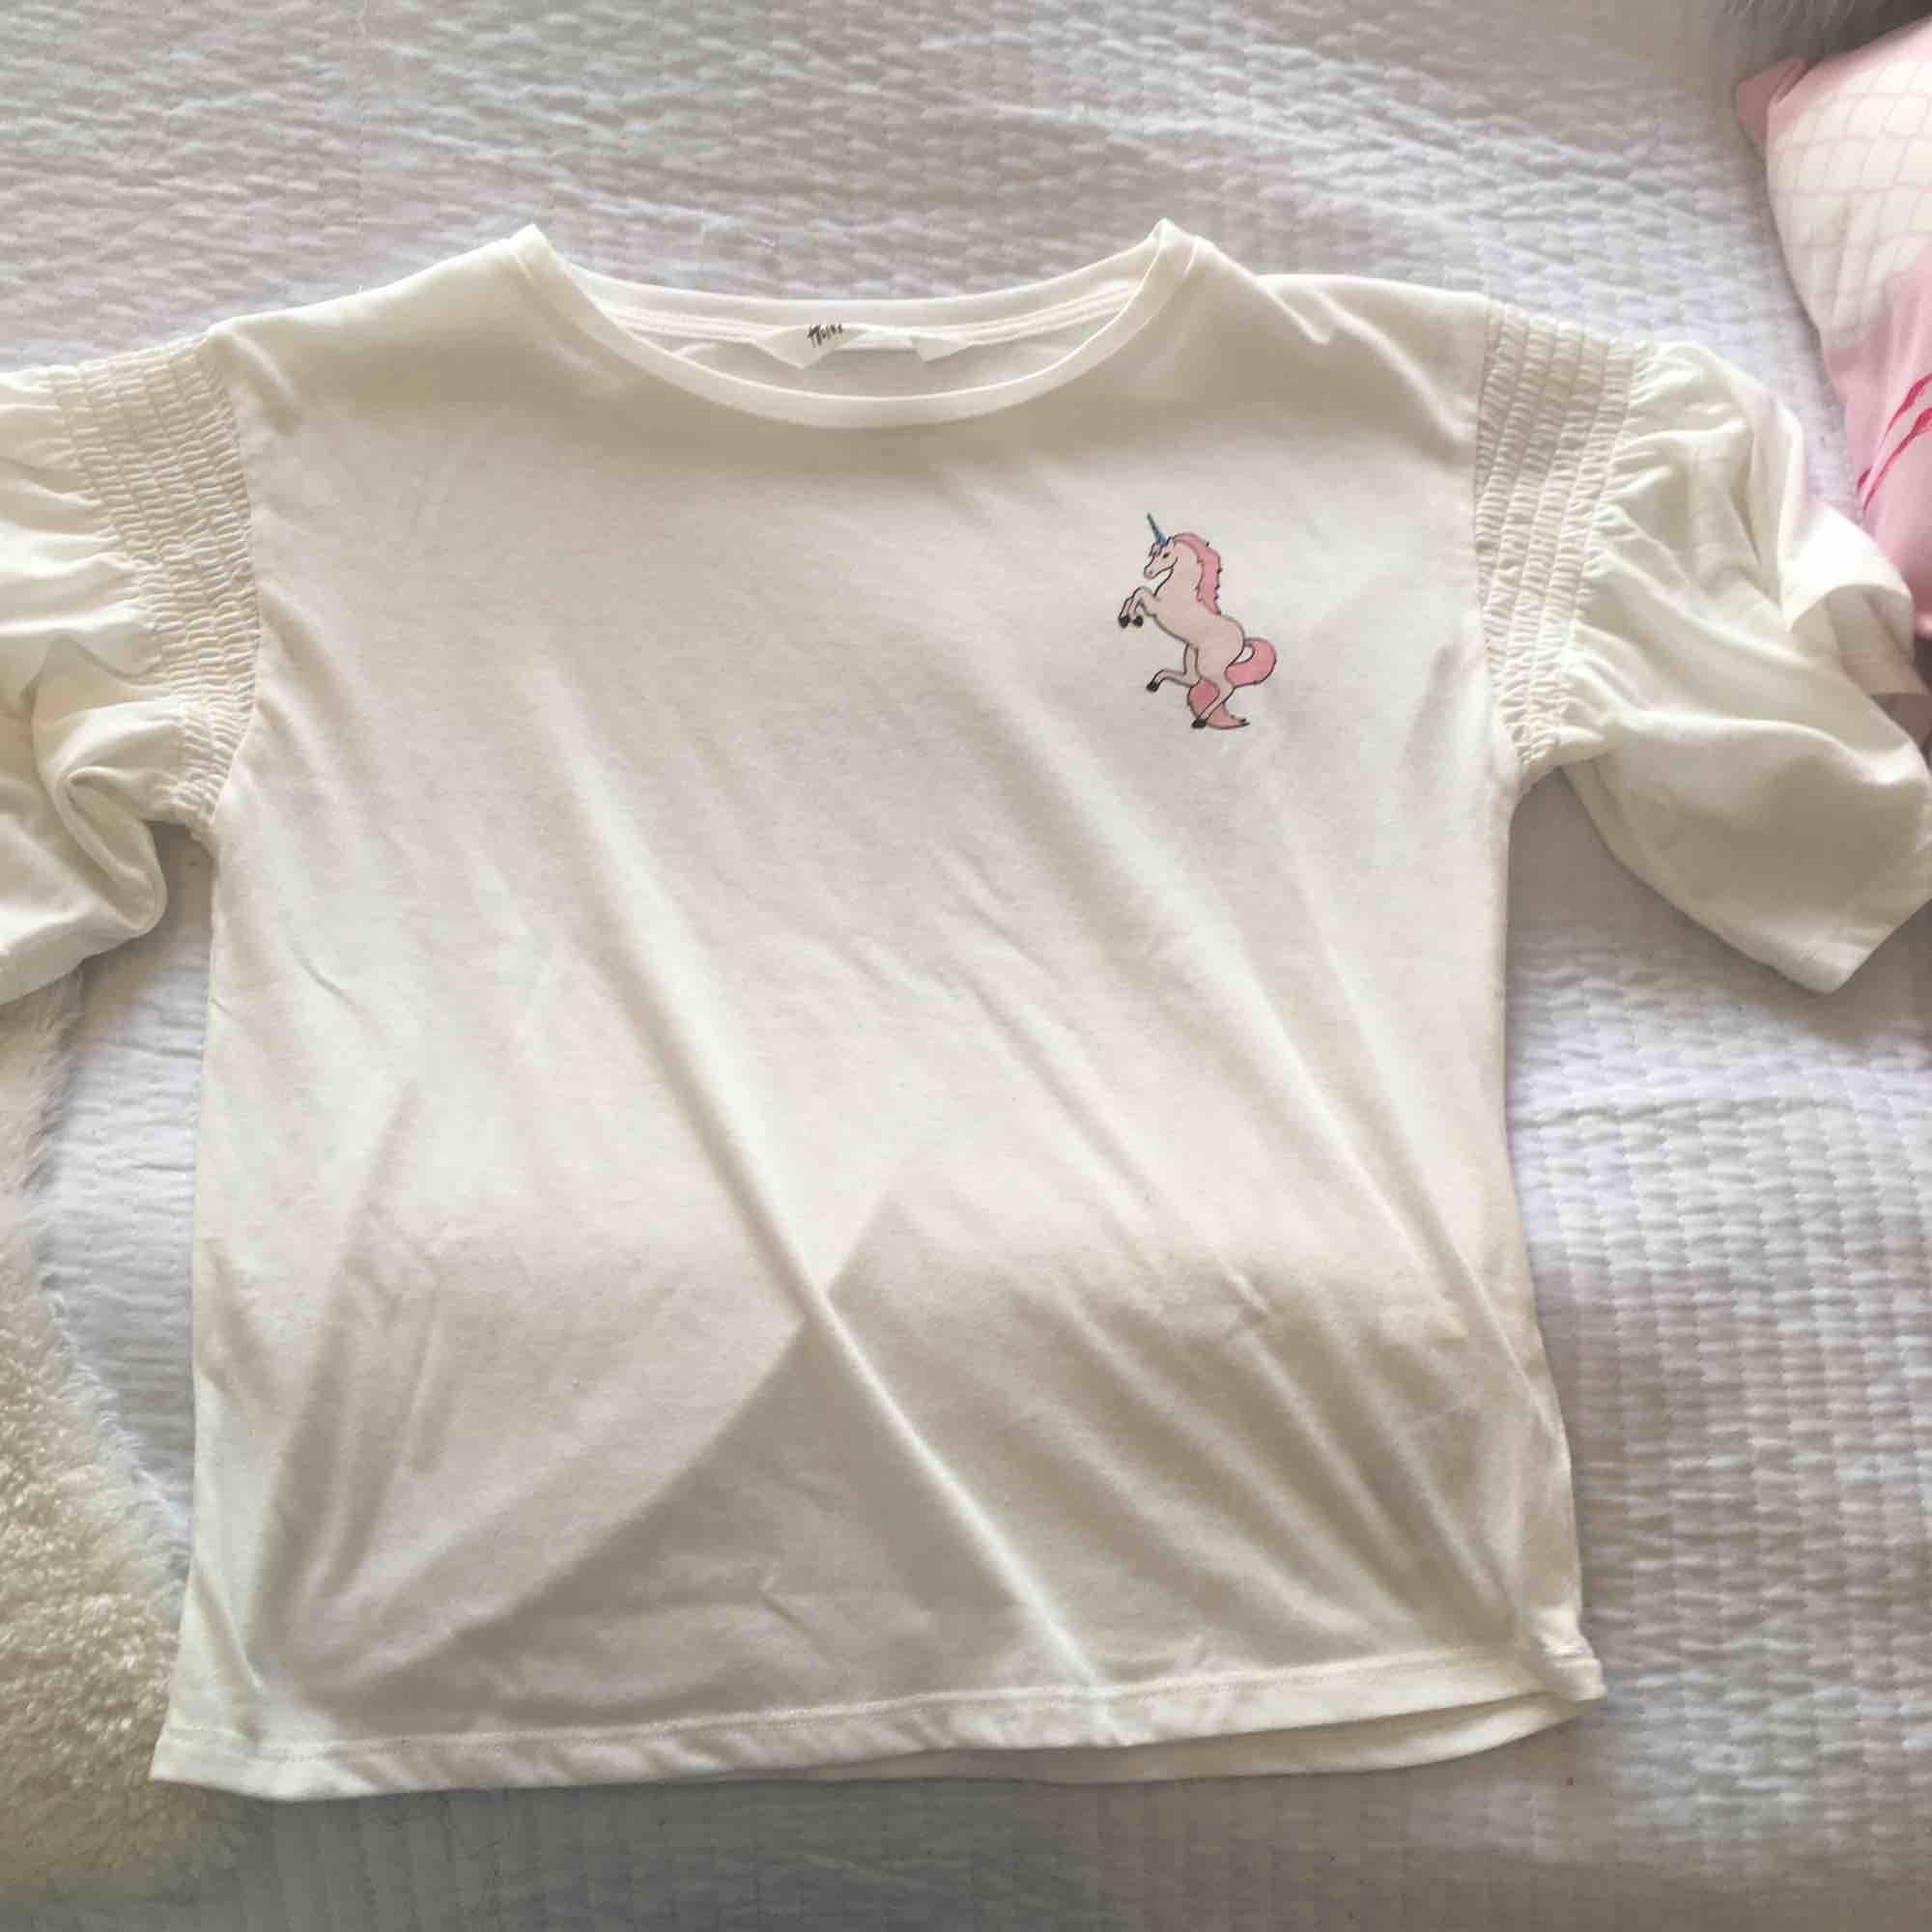 lite genomskinlig men jätte fint, vulagner på ärmarna . T-shirts.